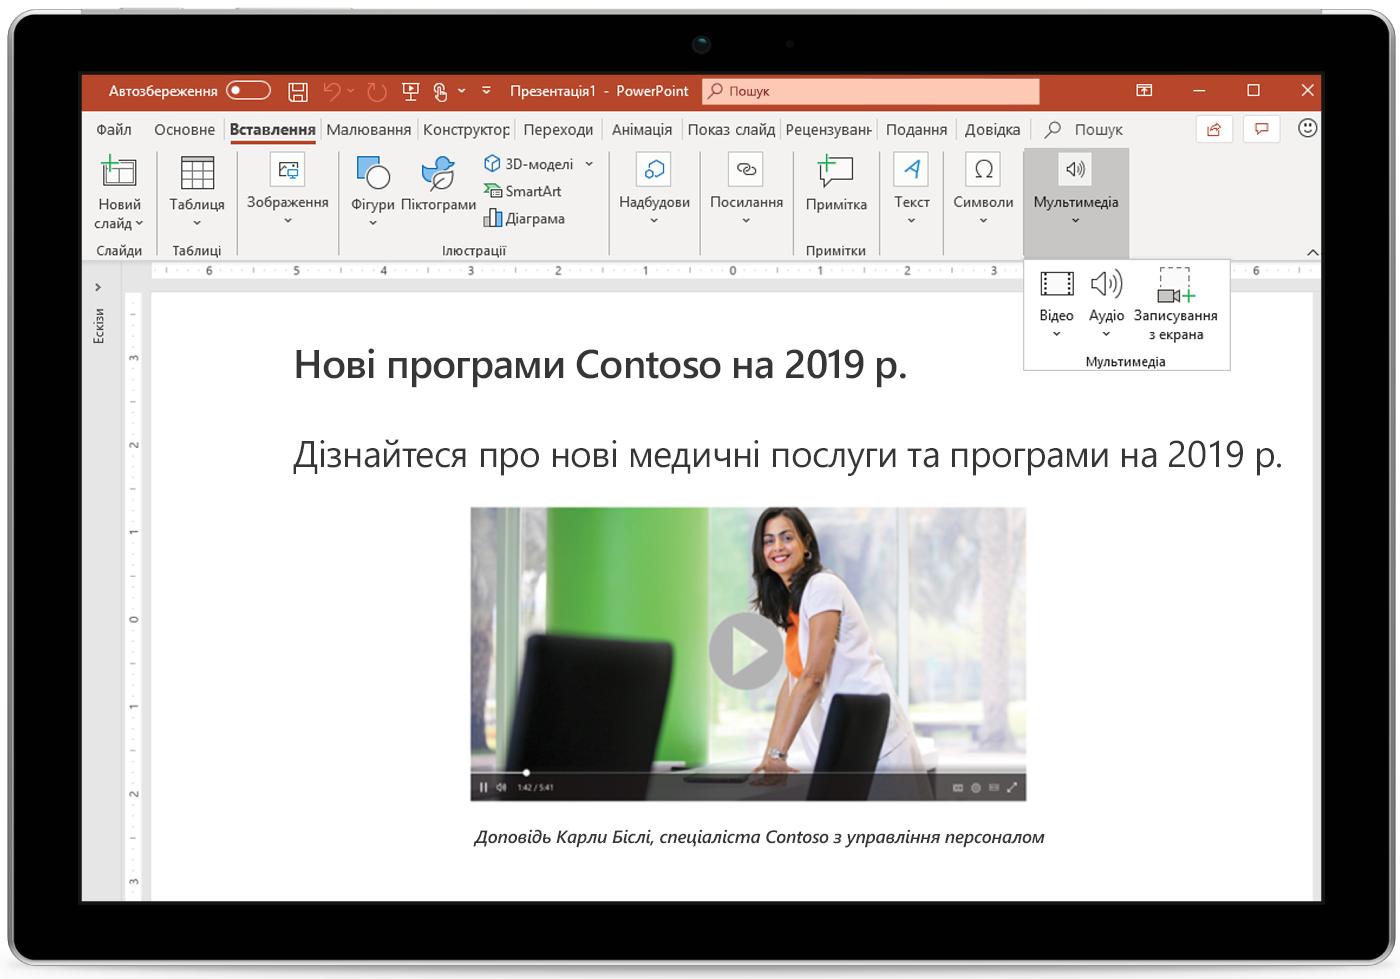 Зображення слайду презентації PowerPoint на планшеті.